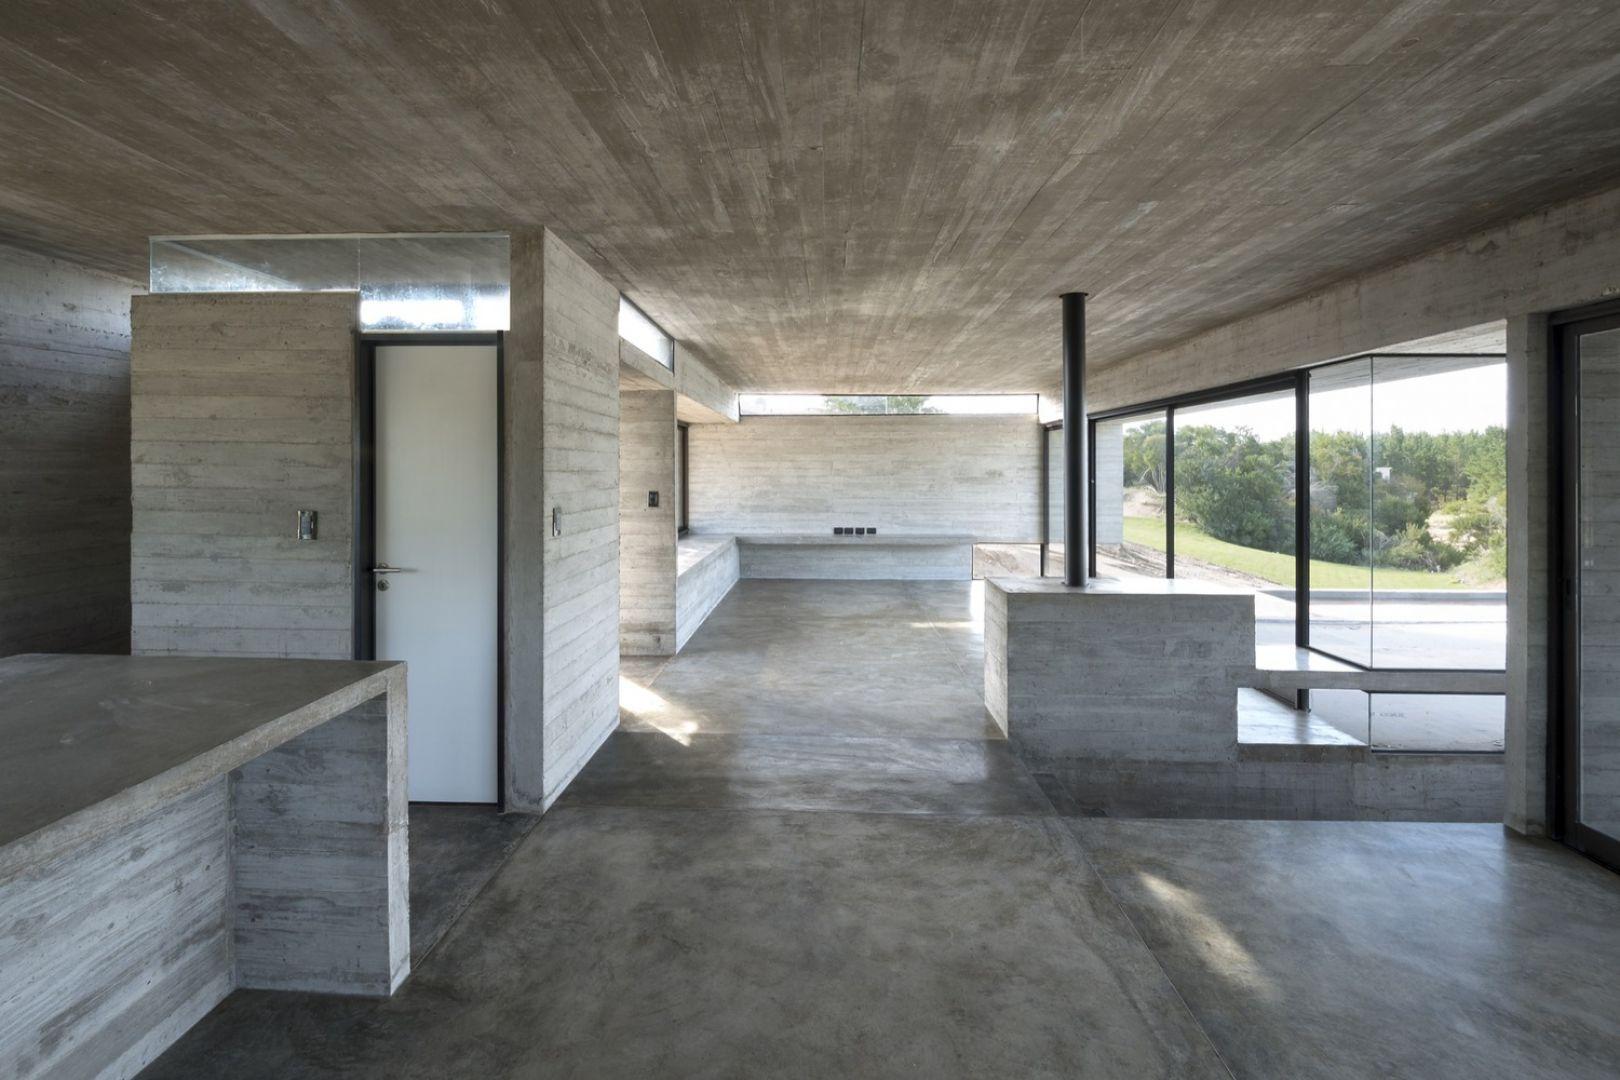 W domu dominuje wypolerowany beton, szykowne szkło oraz aluminiowe ramy. Stoją one w opozycji z surowym betonem imitującym fakturę drewnianej deskęi. Fot. Daniela Mac Adden